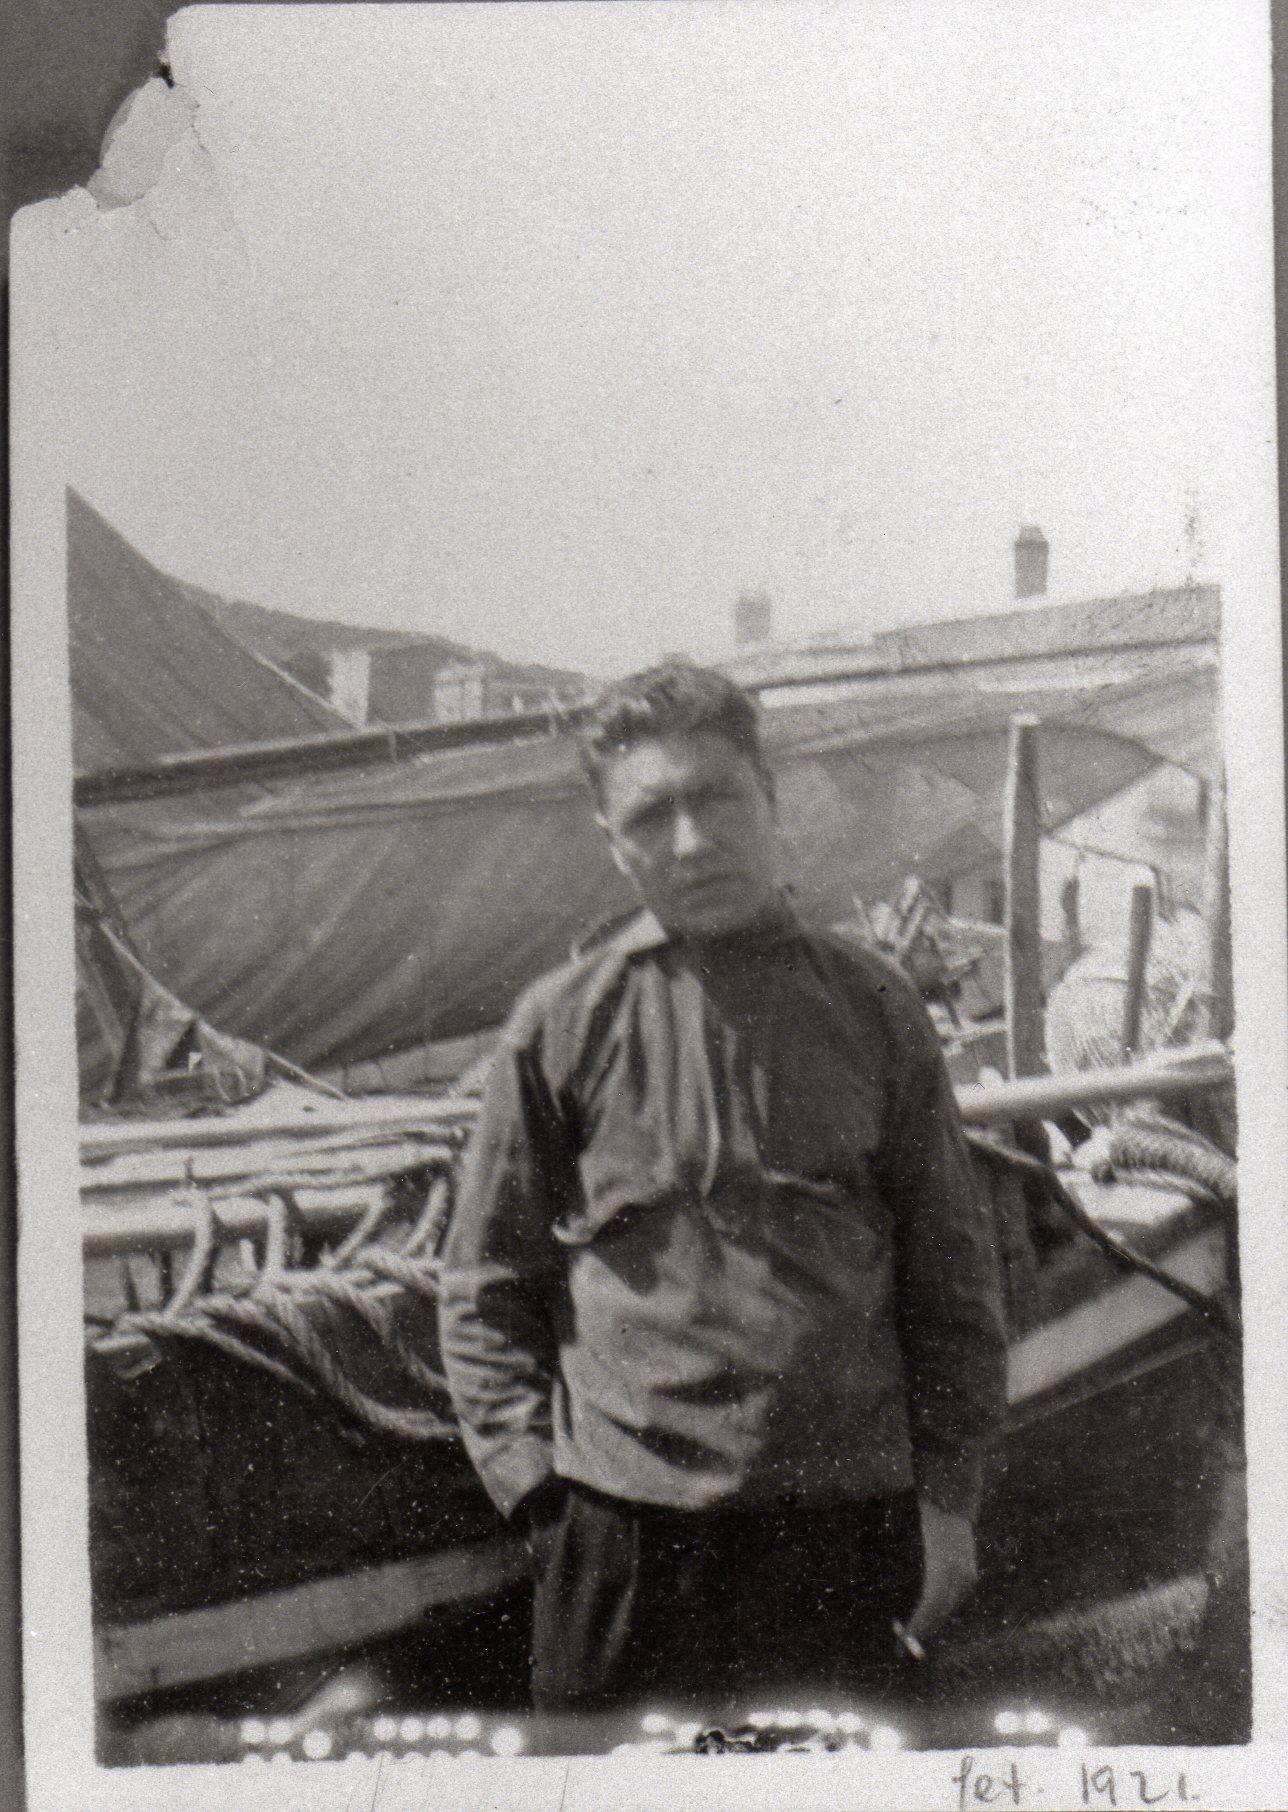 Josep Pla davant unes barques de pesca. Calella de Palafrugell, setembre de 1921. Autor desconegut. Fundació Josep Pla, col. Josep Vergés.